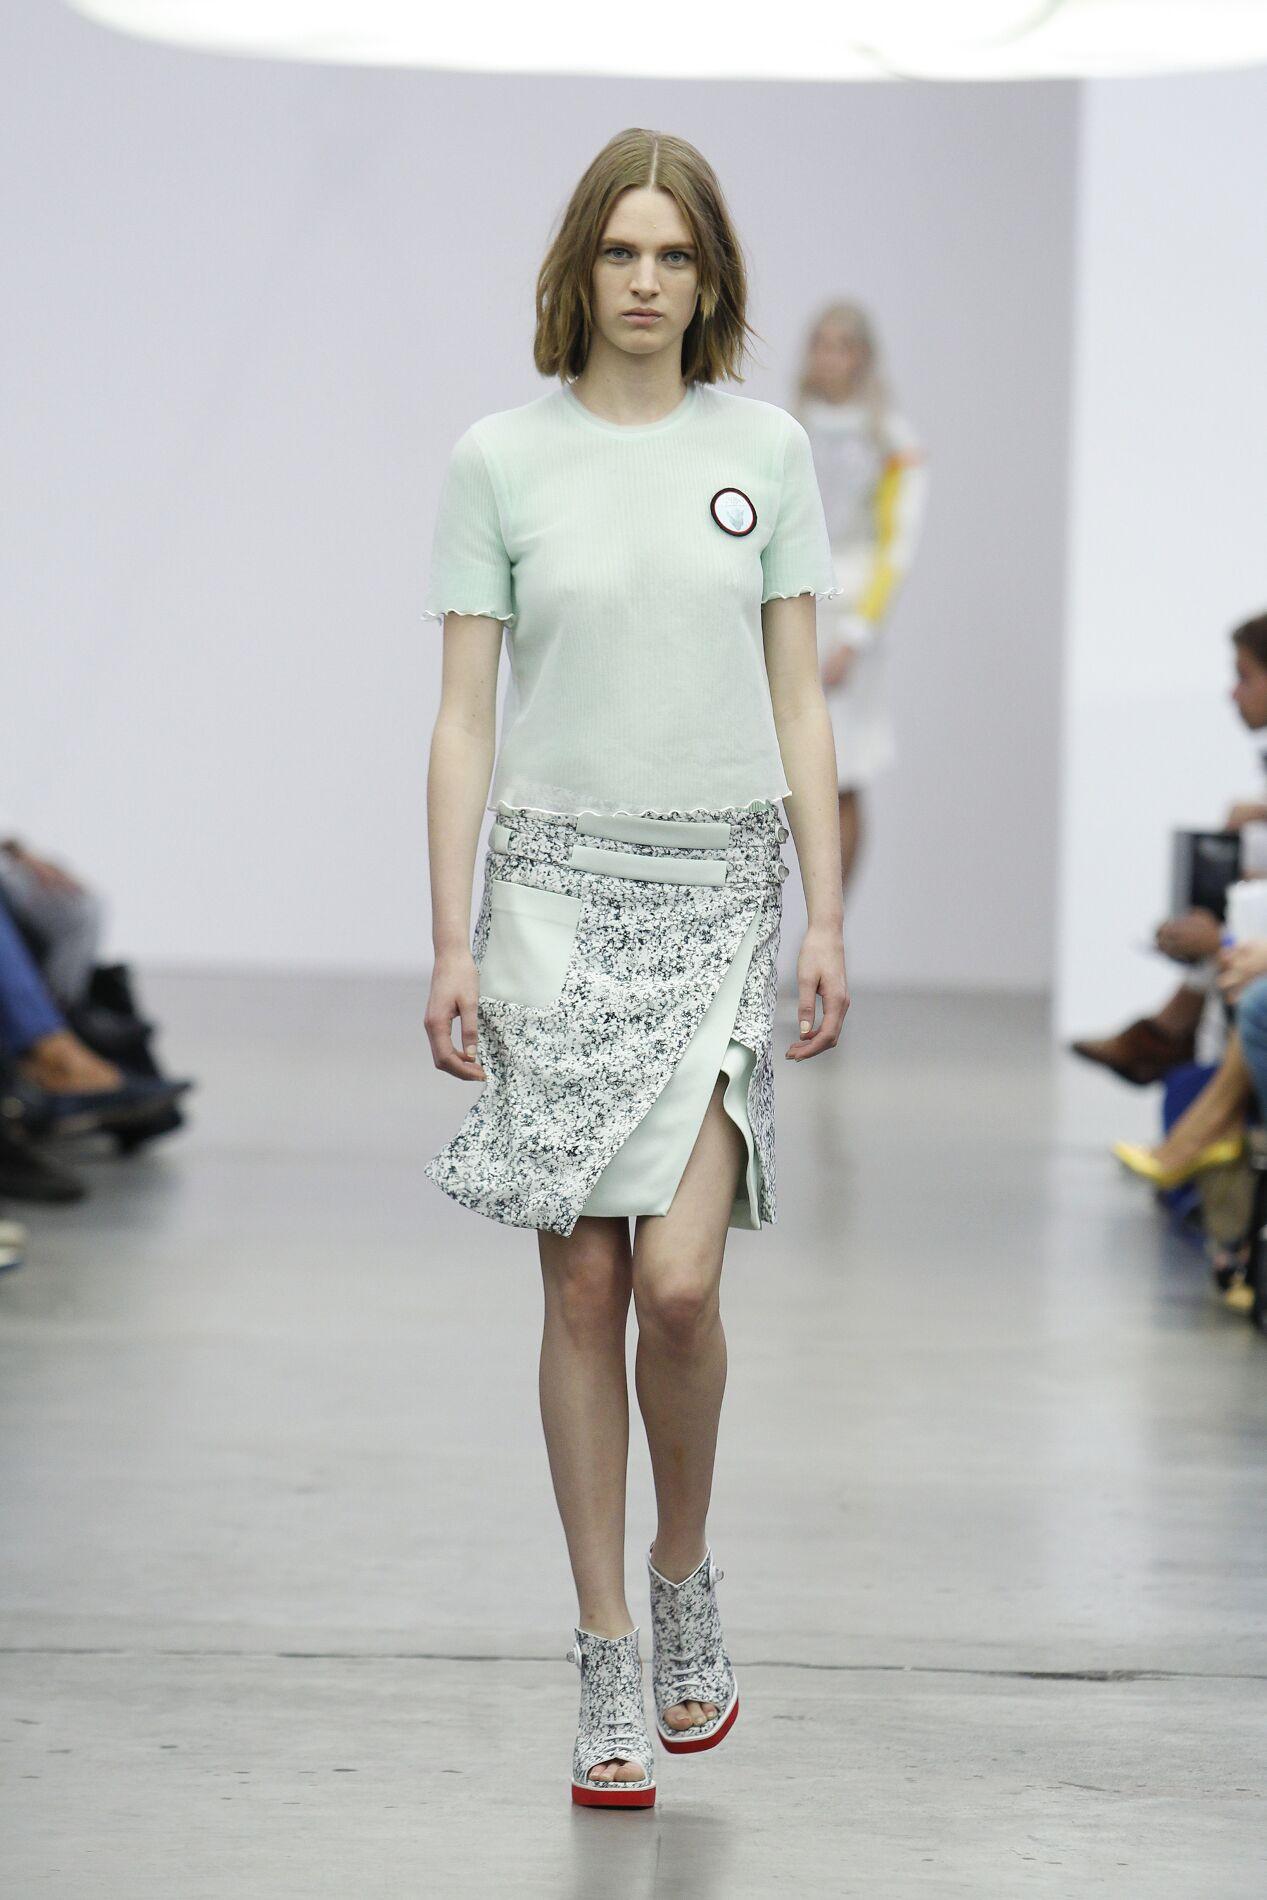 Fashion Model Iceberg Catwalk